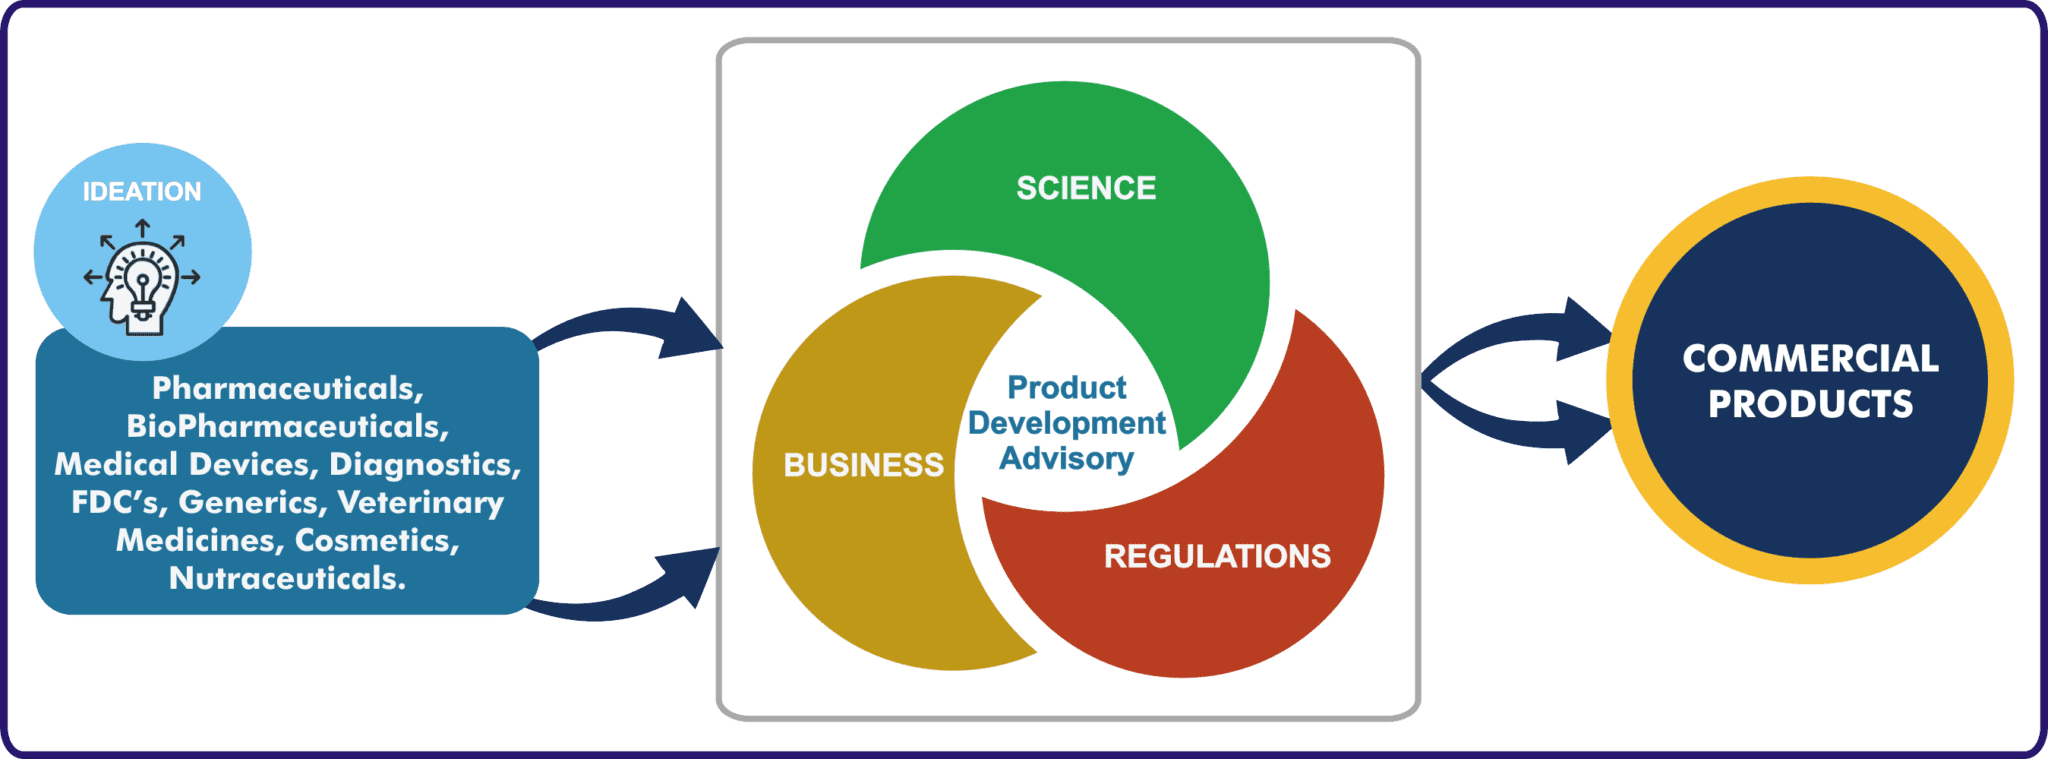 Product Development Advisory India